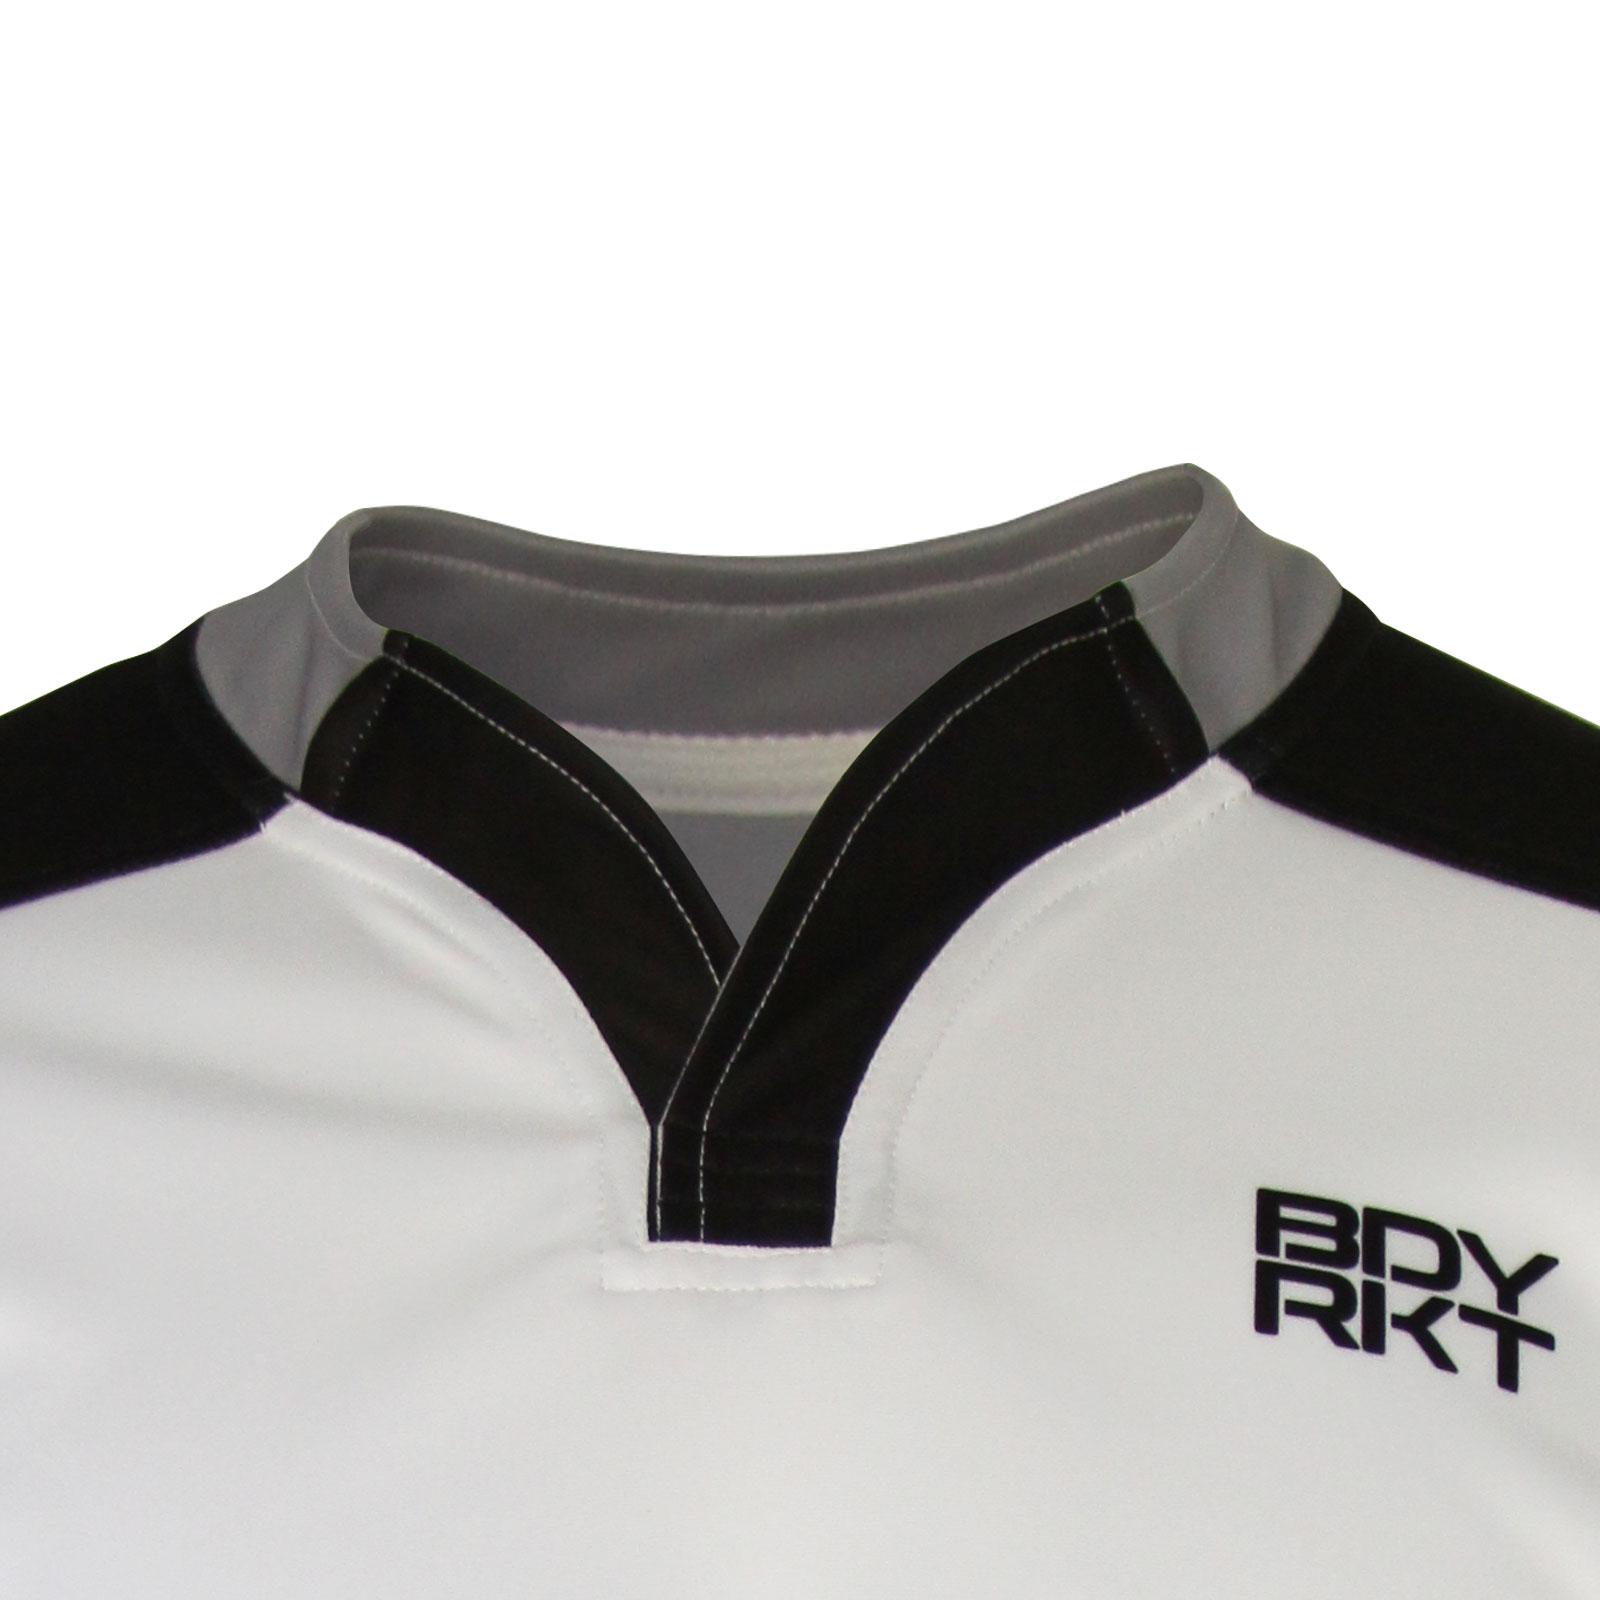 2a374a549d1 Bdyrkt Slipstream Rugby Jersey Collar